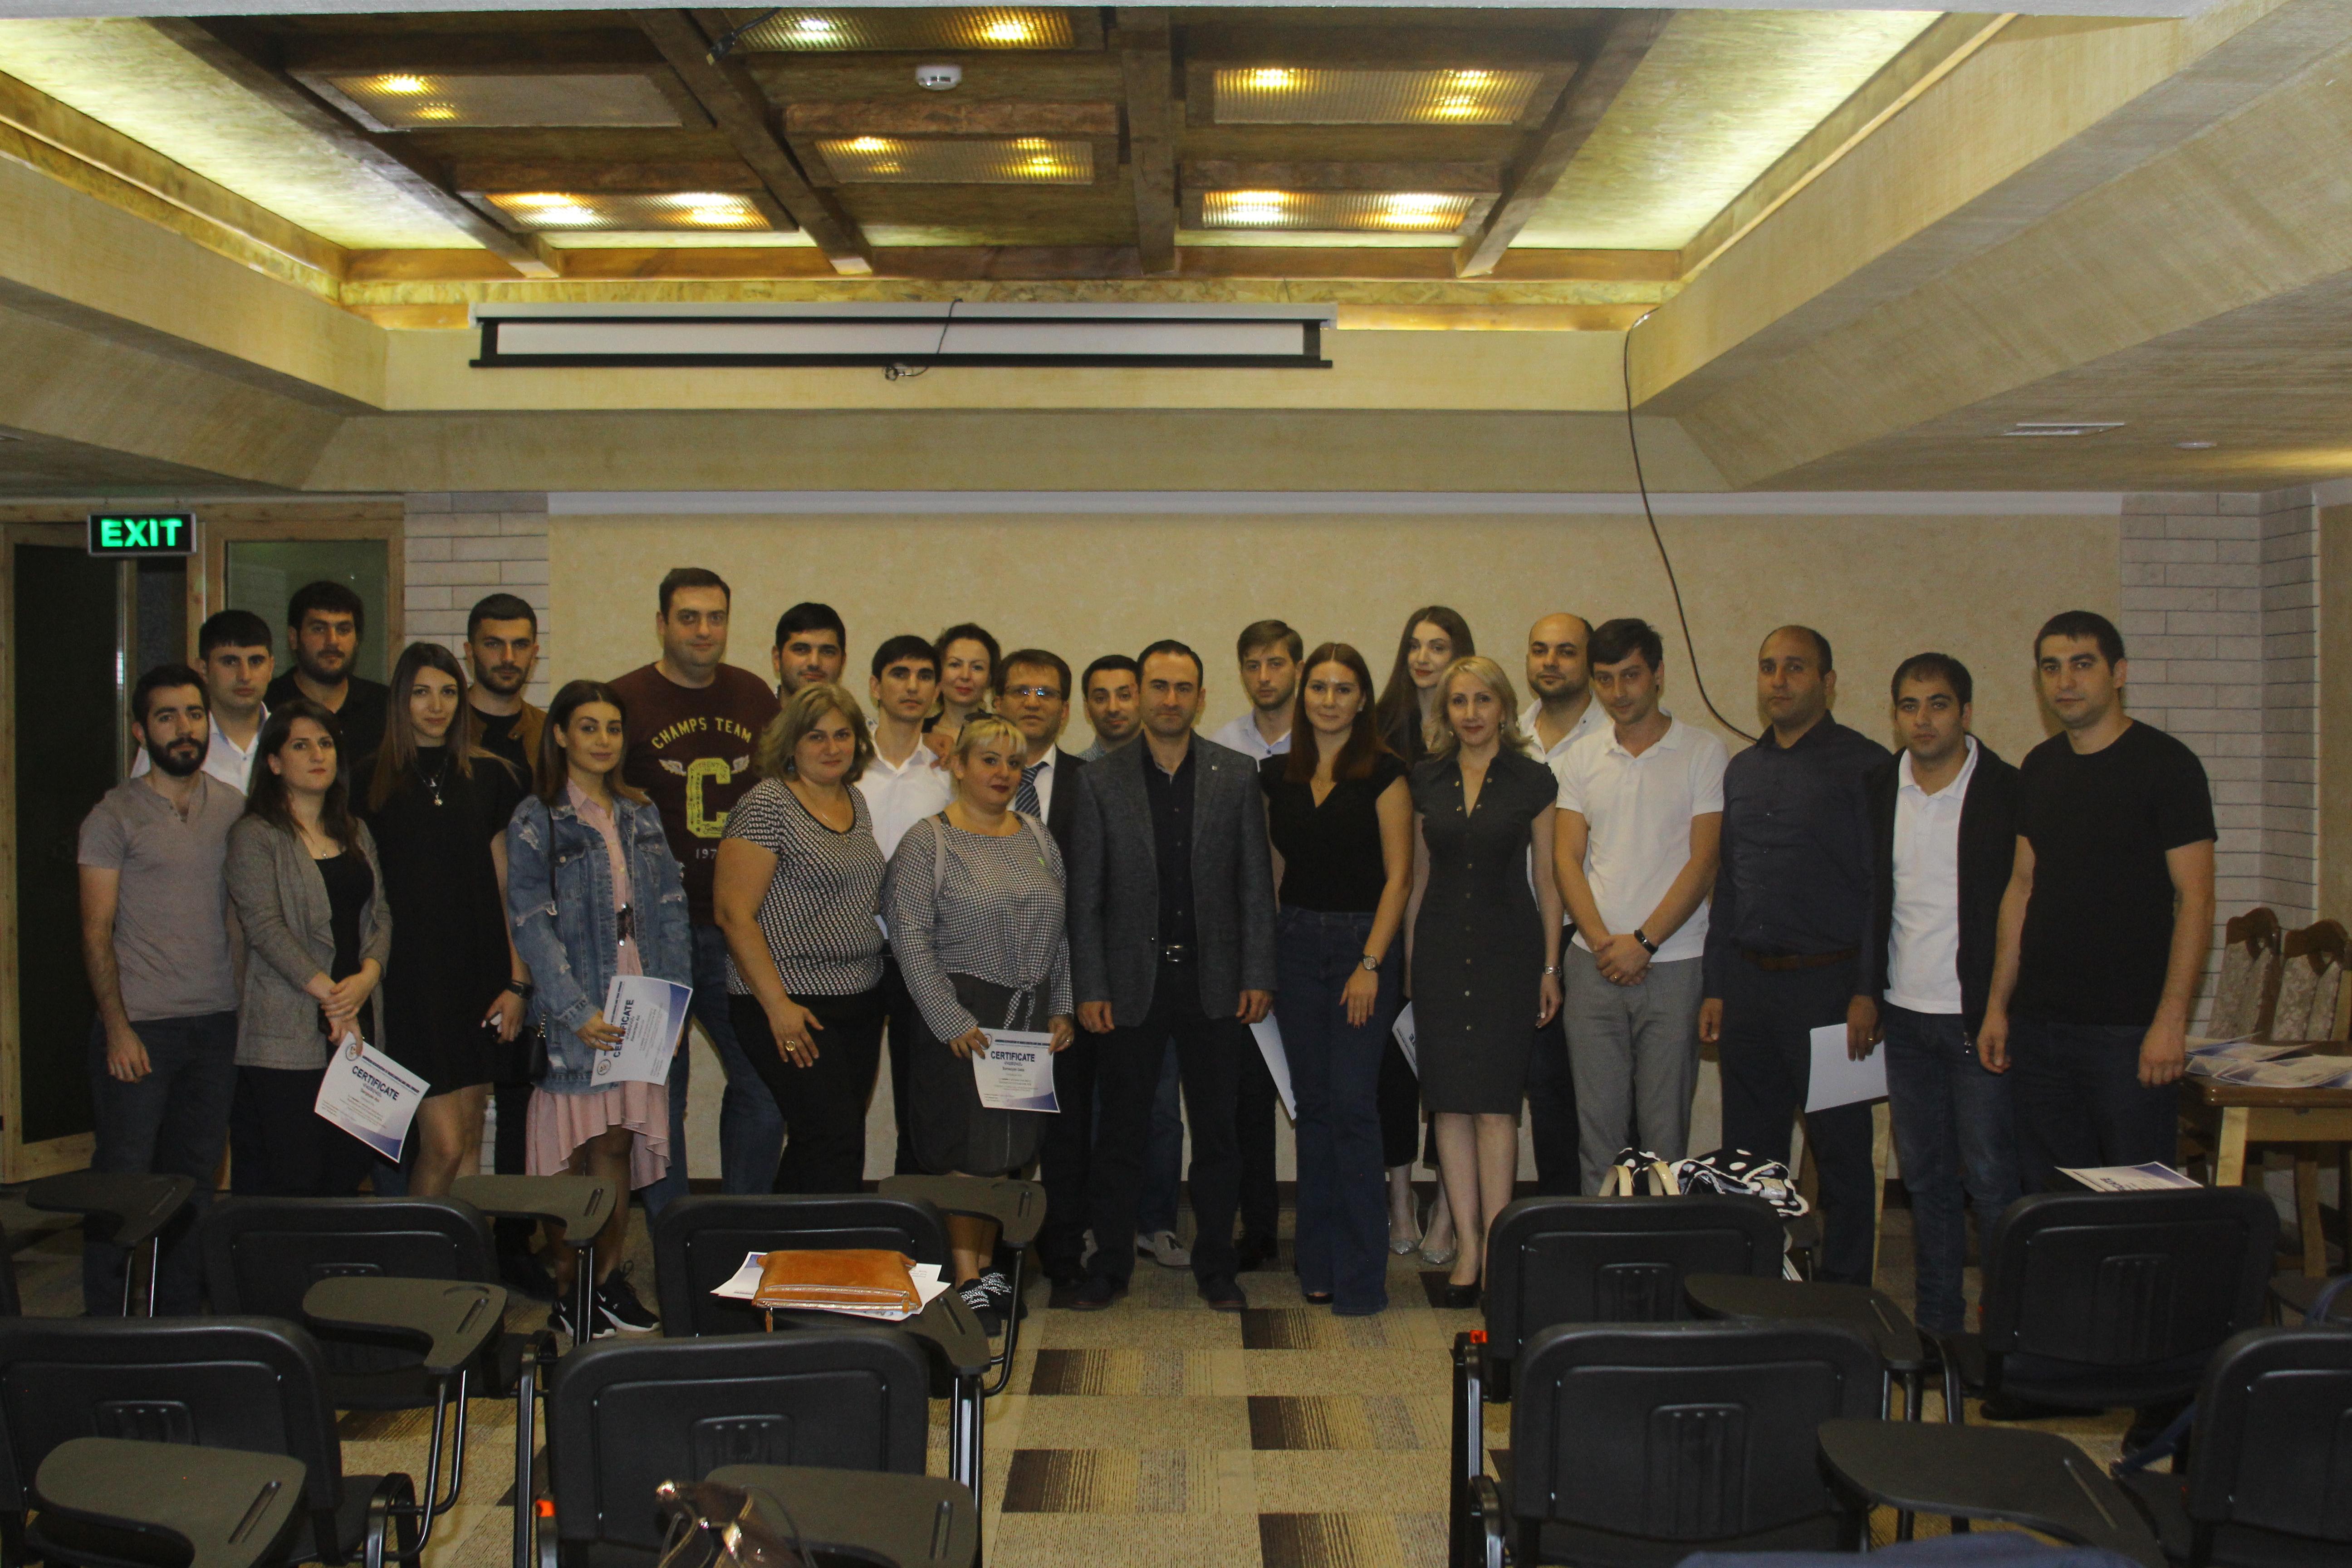 Կայացավ «Դիմածնոտային և Բերանի խոռոչի Վիրաբույժների Հայկական Ասոցիացիայի» հերթական նիստը